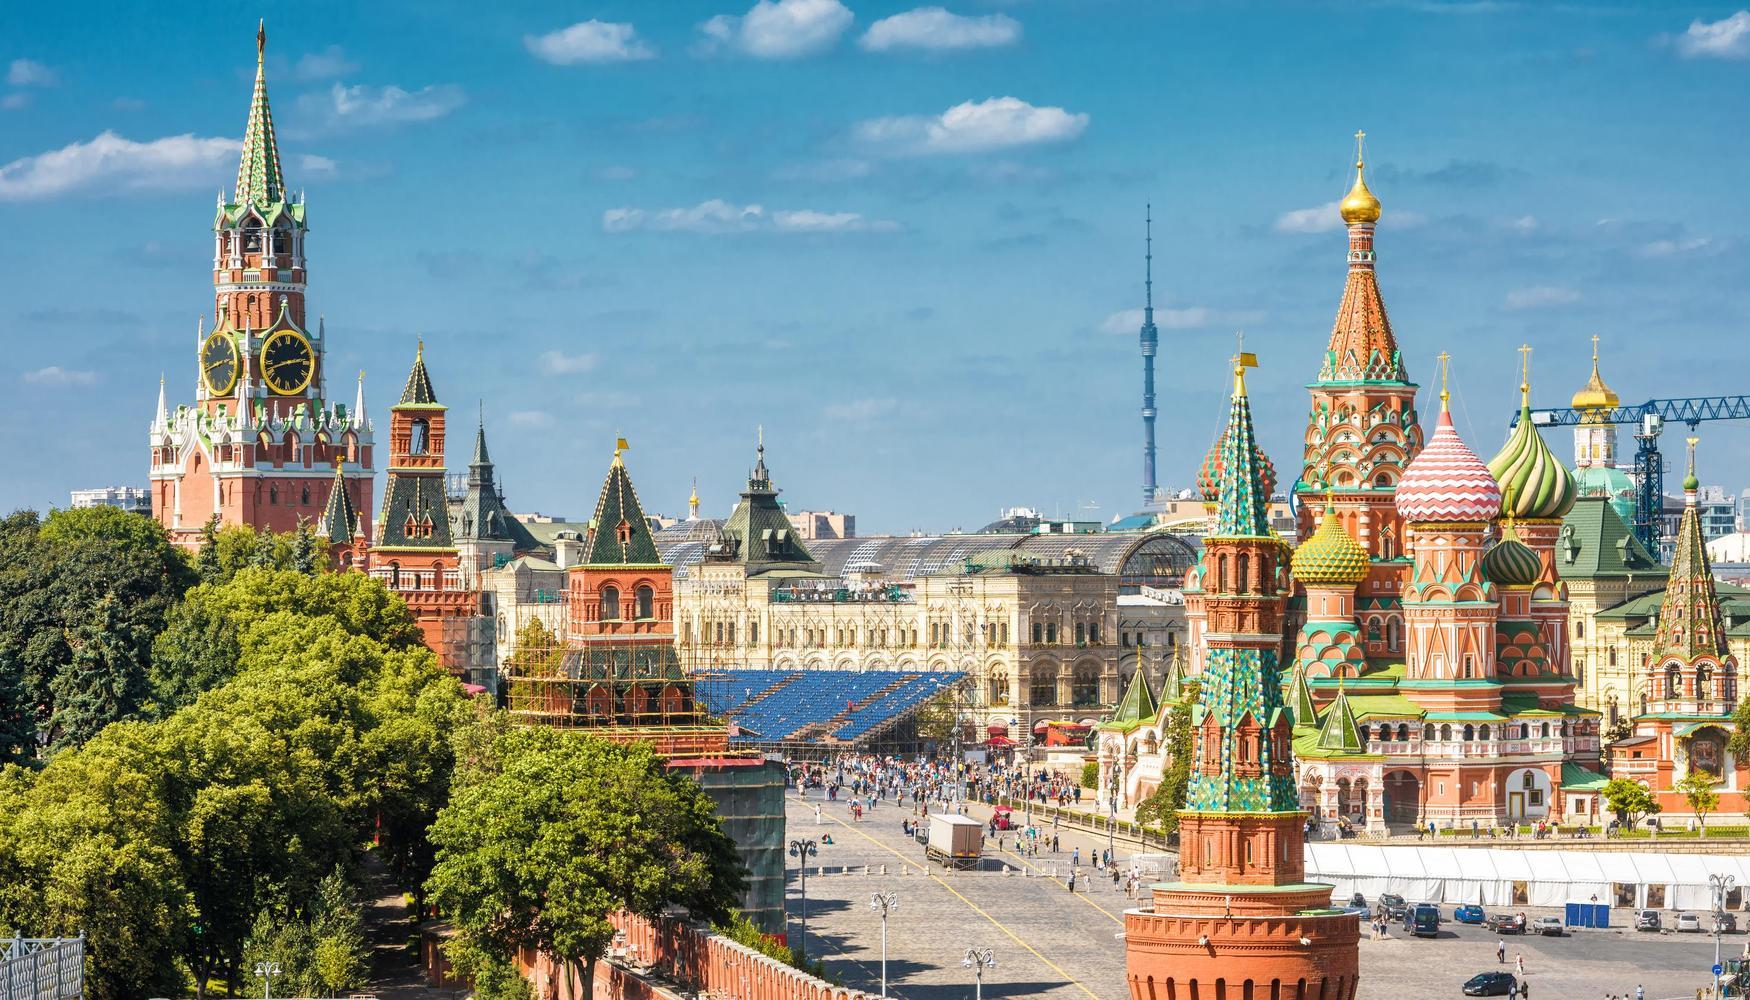 Carros de aluguer em Moscovo Aeroporto Internacional Vnukovo